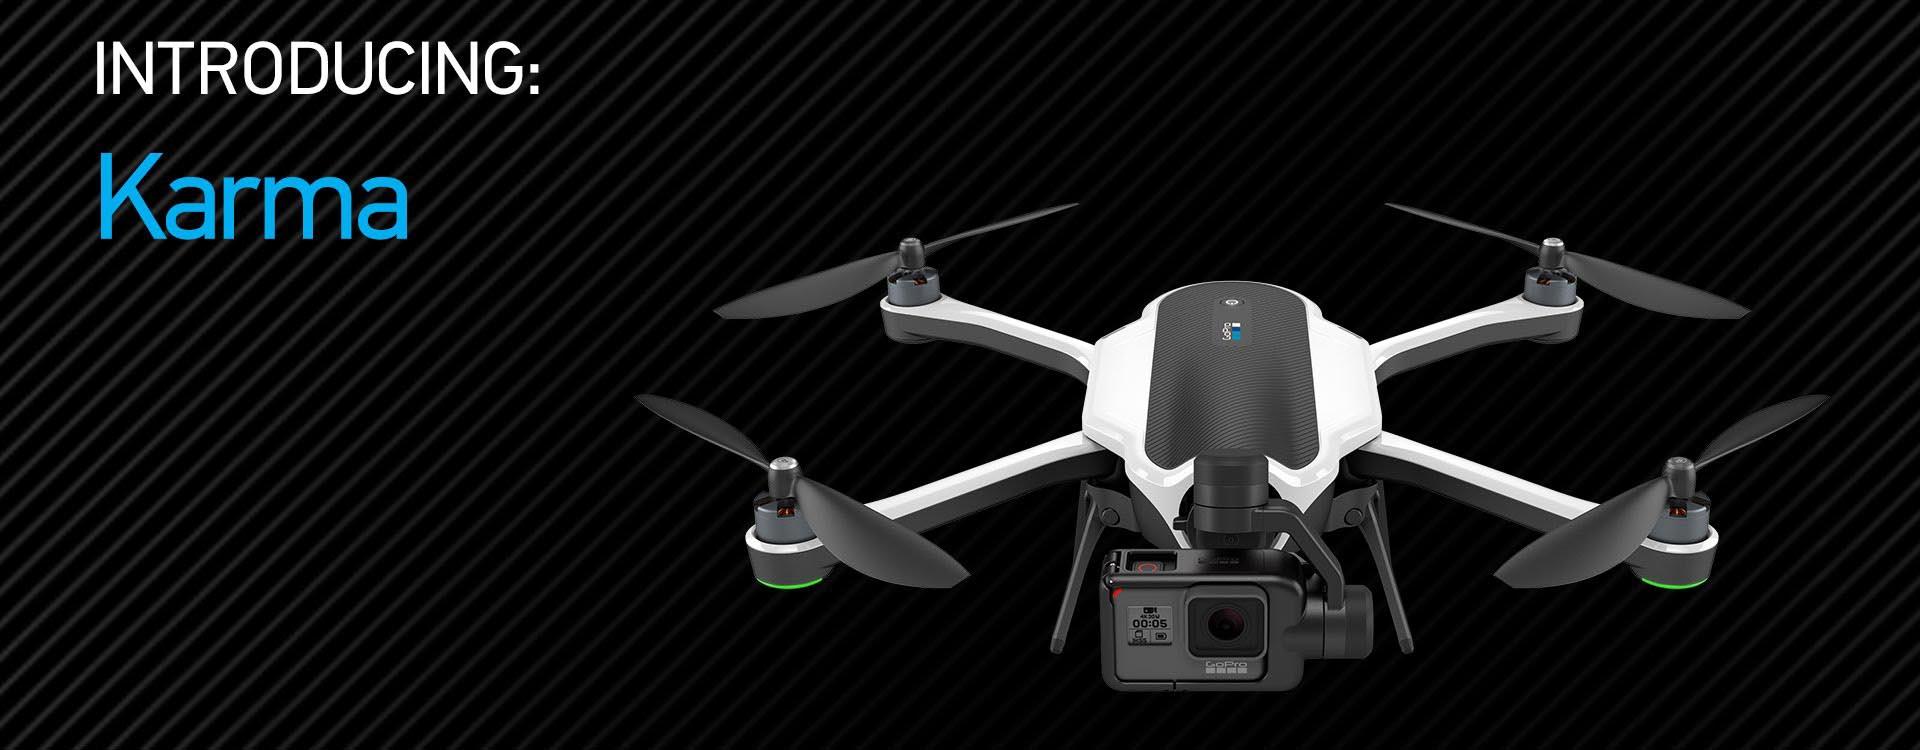 Gopro, Karma, Drohne